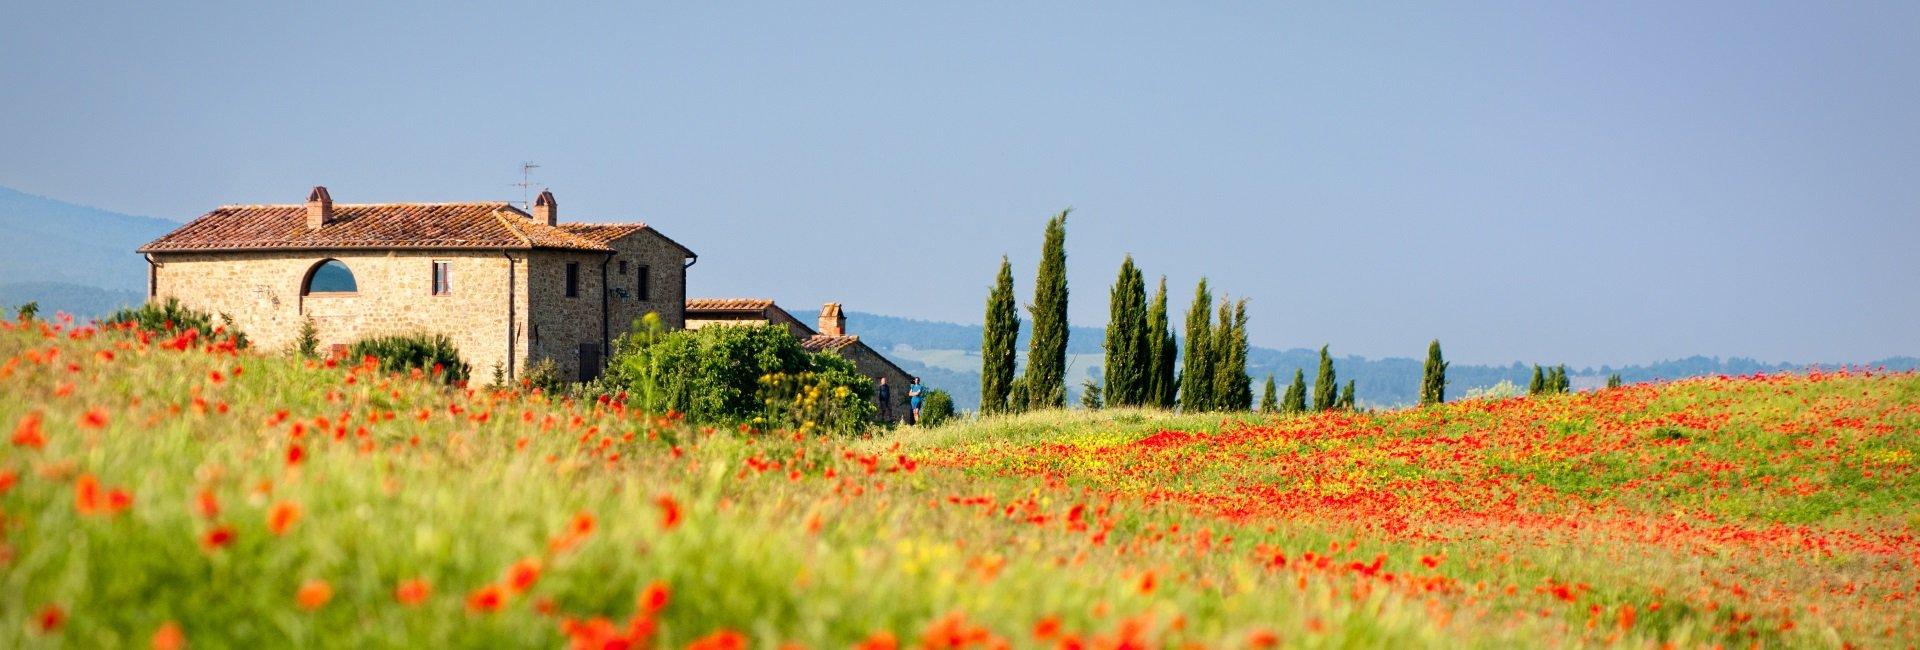 toscane-italie-landschap.jpg